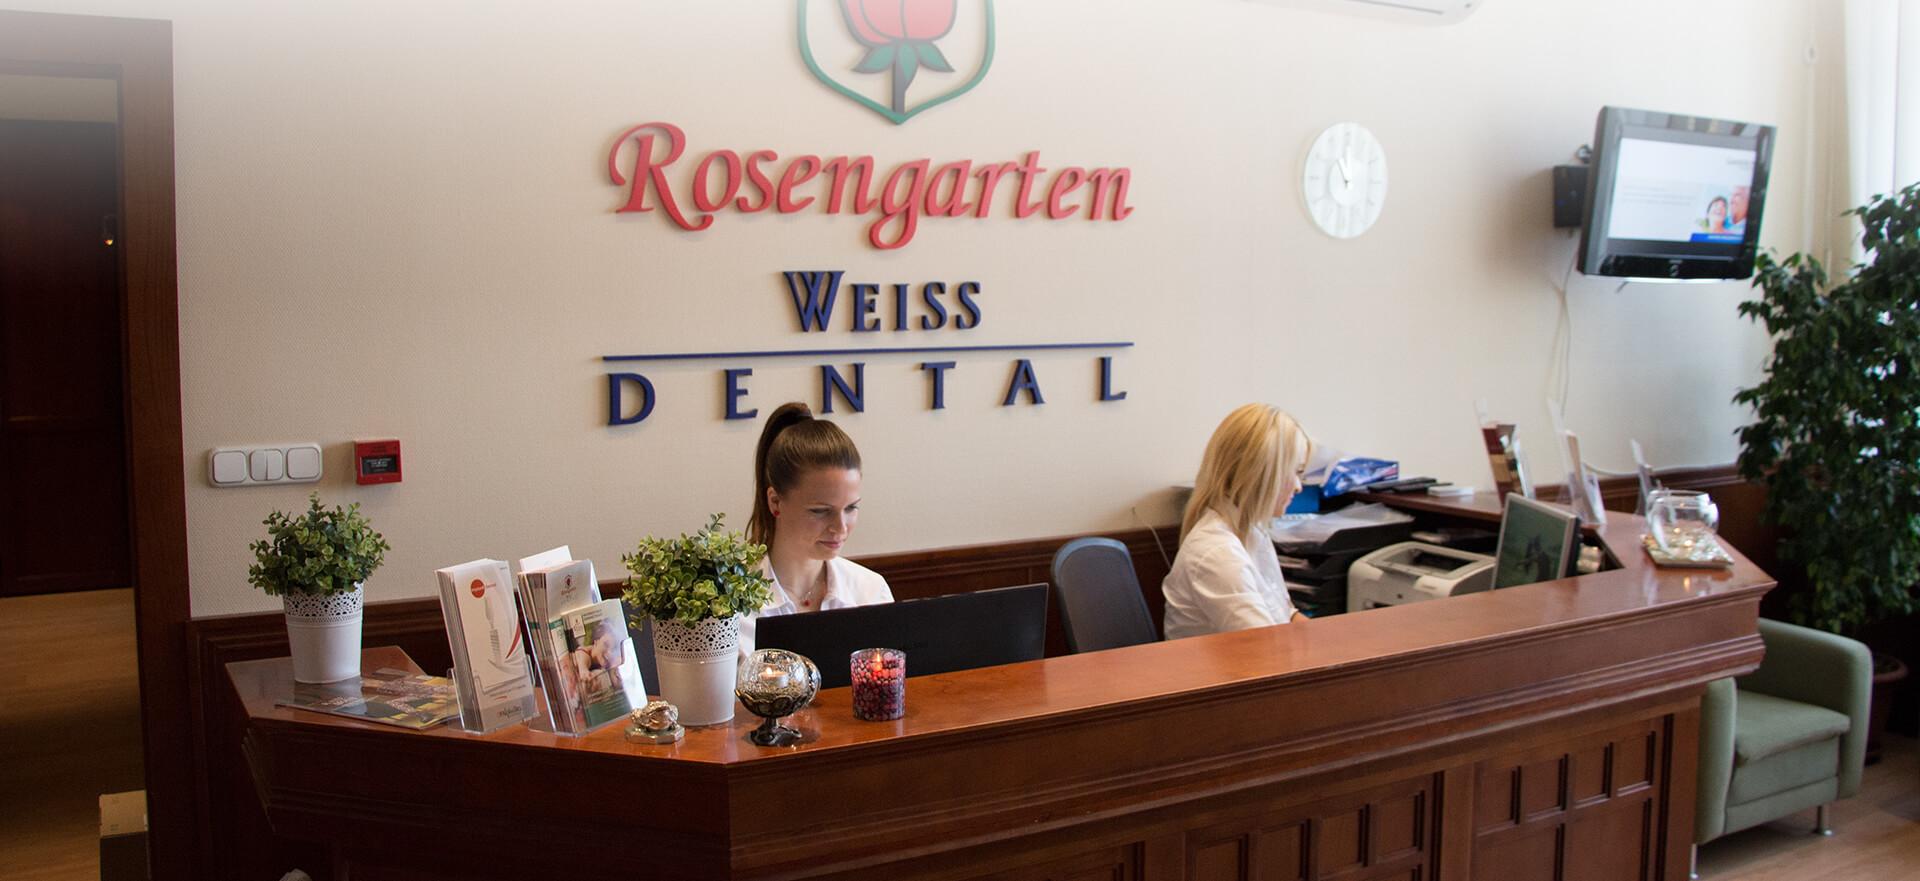 Rosengarten Weiss Dental